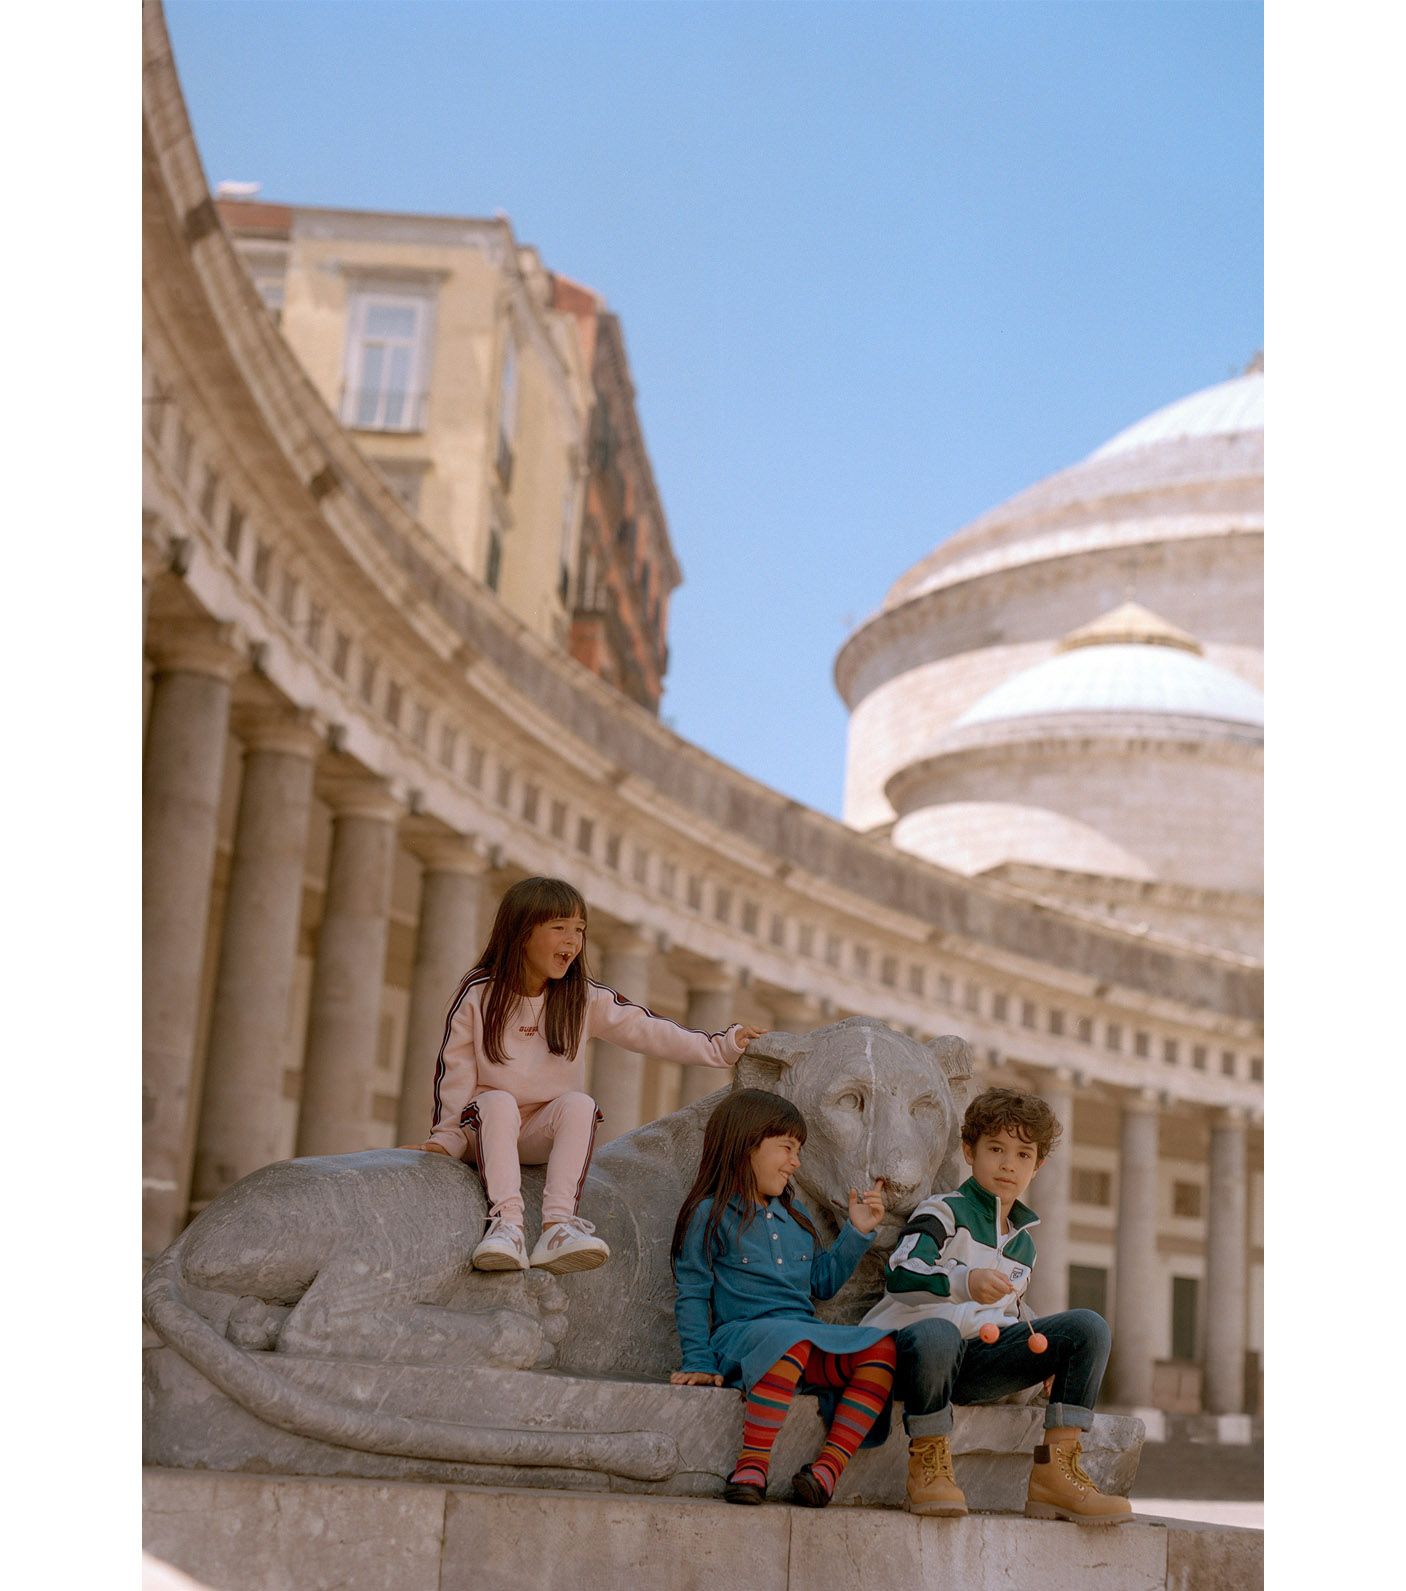 carmine romano napoli personaggi volti portrait bambini